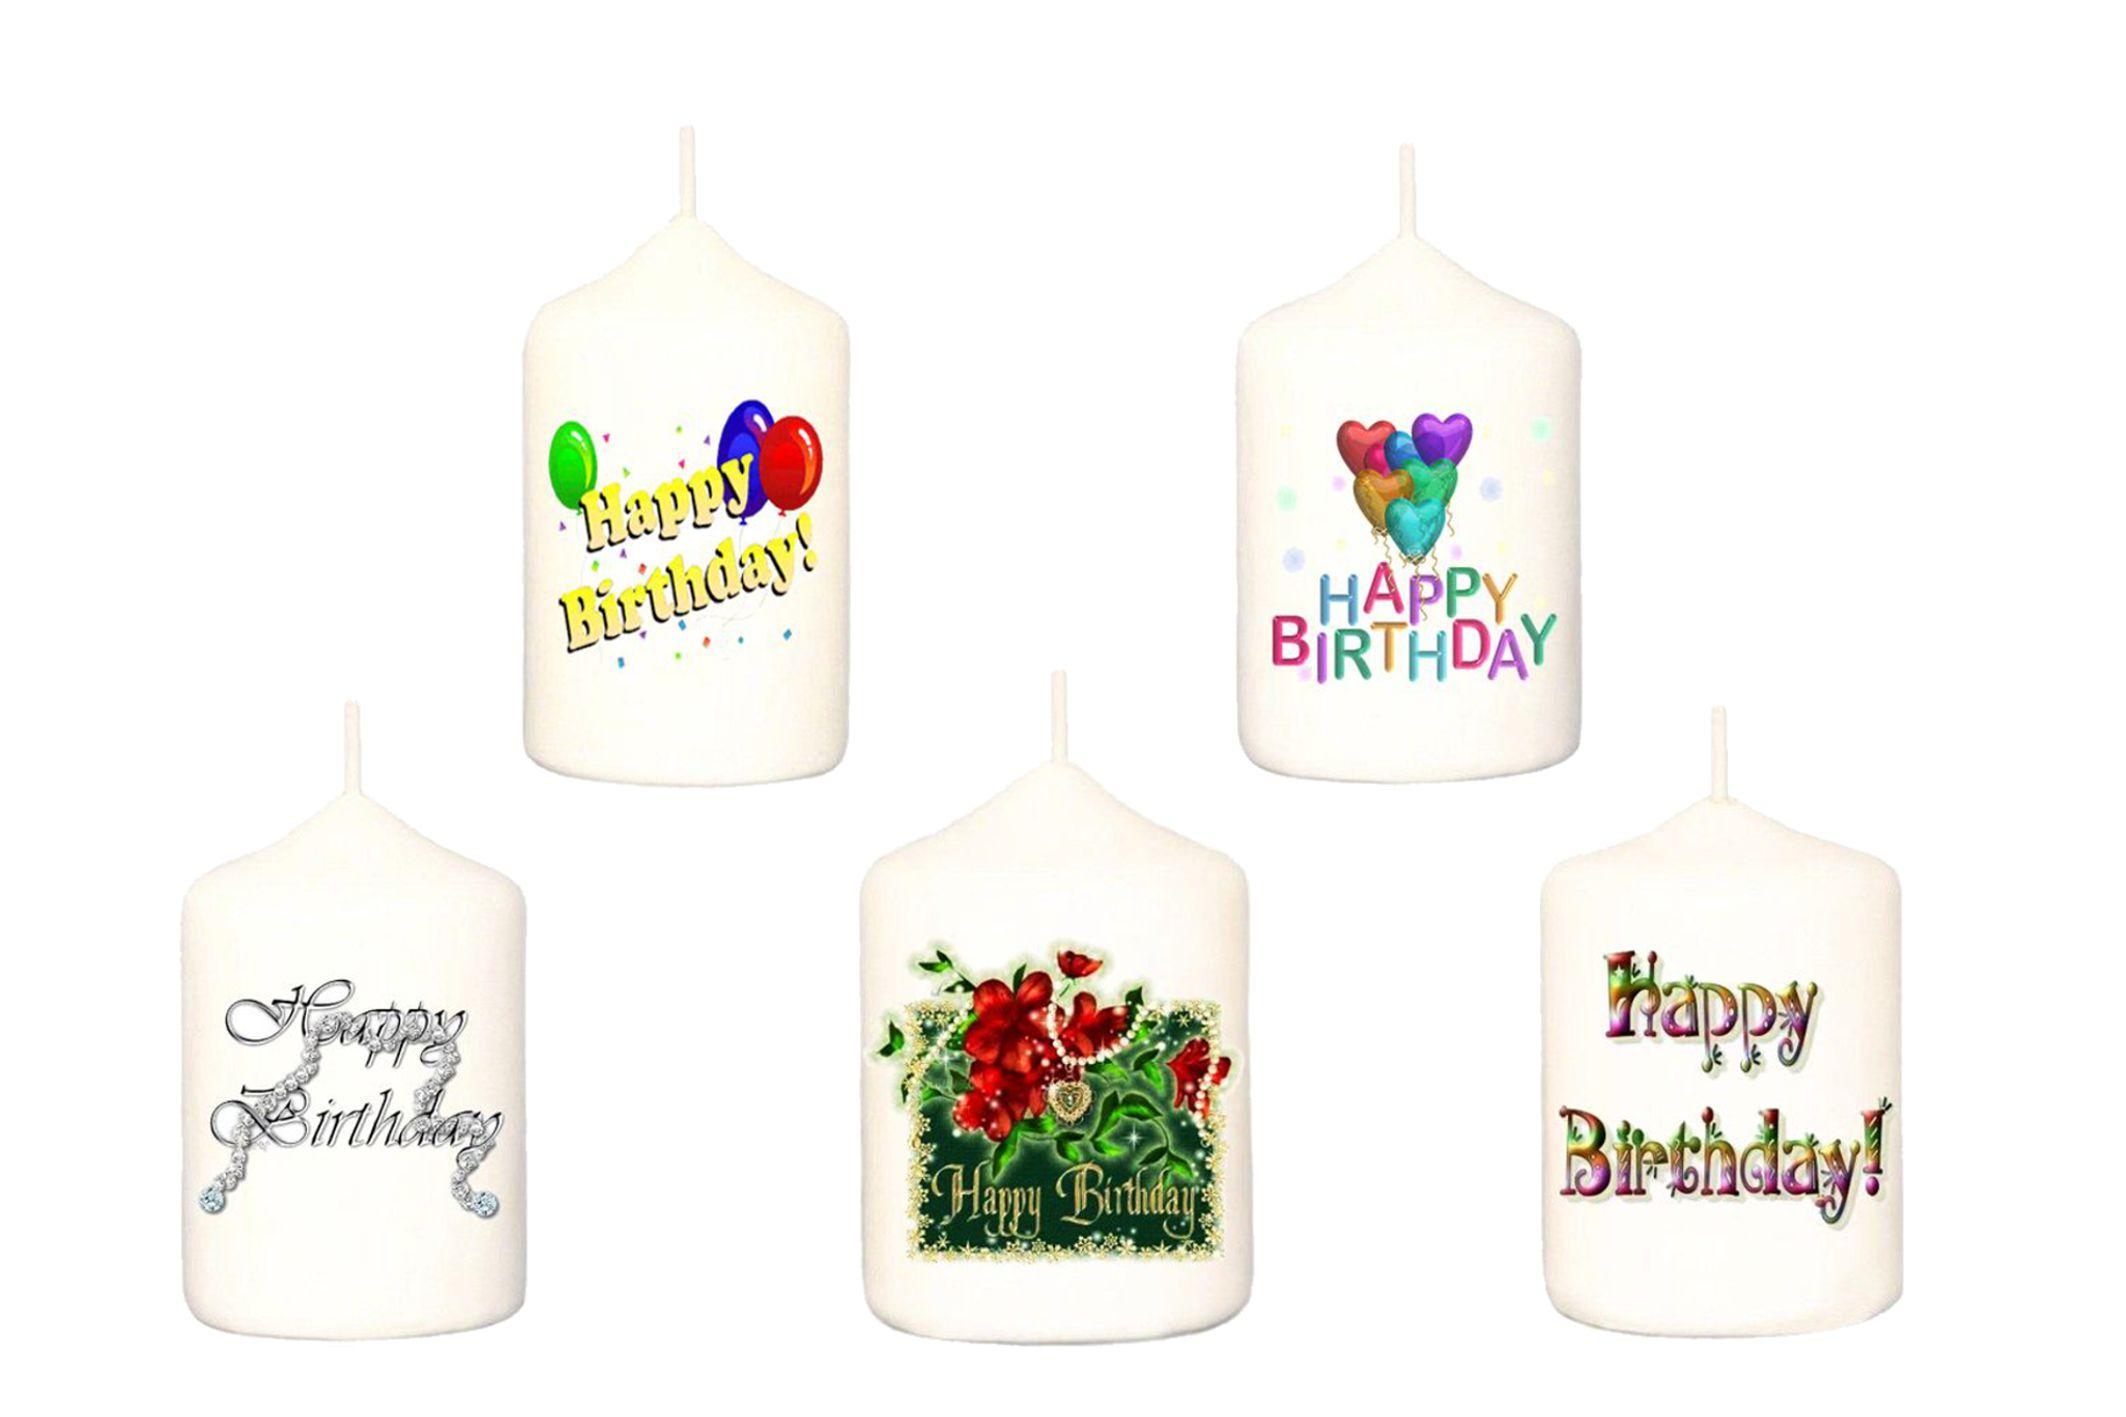 svijeće za rođendan Foto Jadranka   Kategorije   Svijeće za rođendan svijeće za rođendan